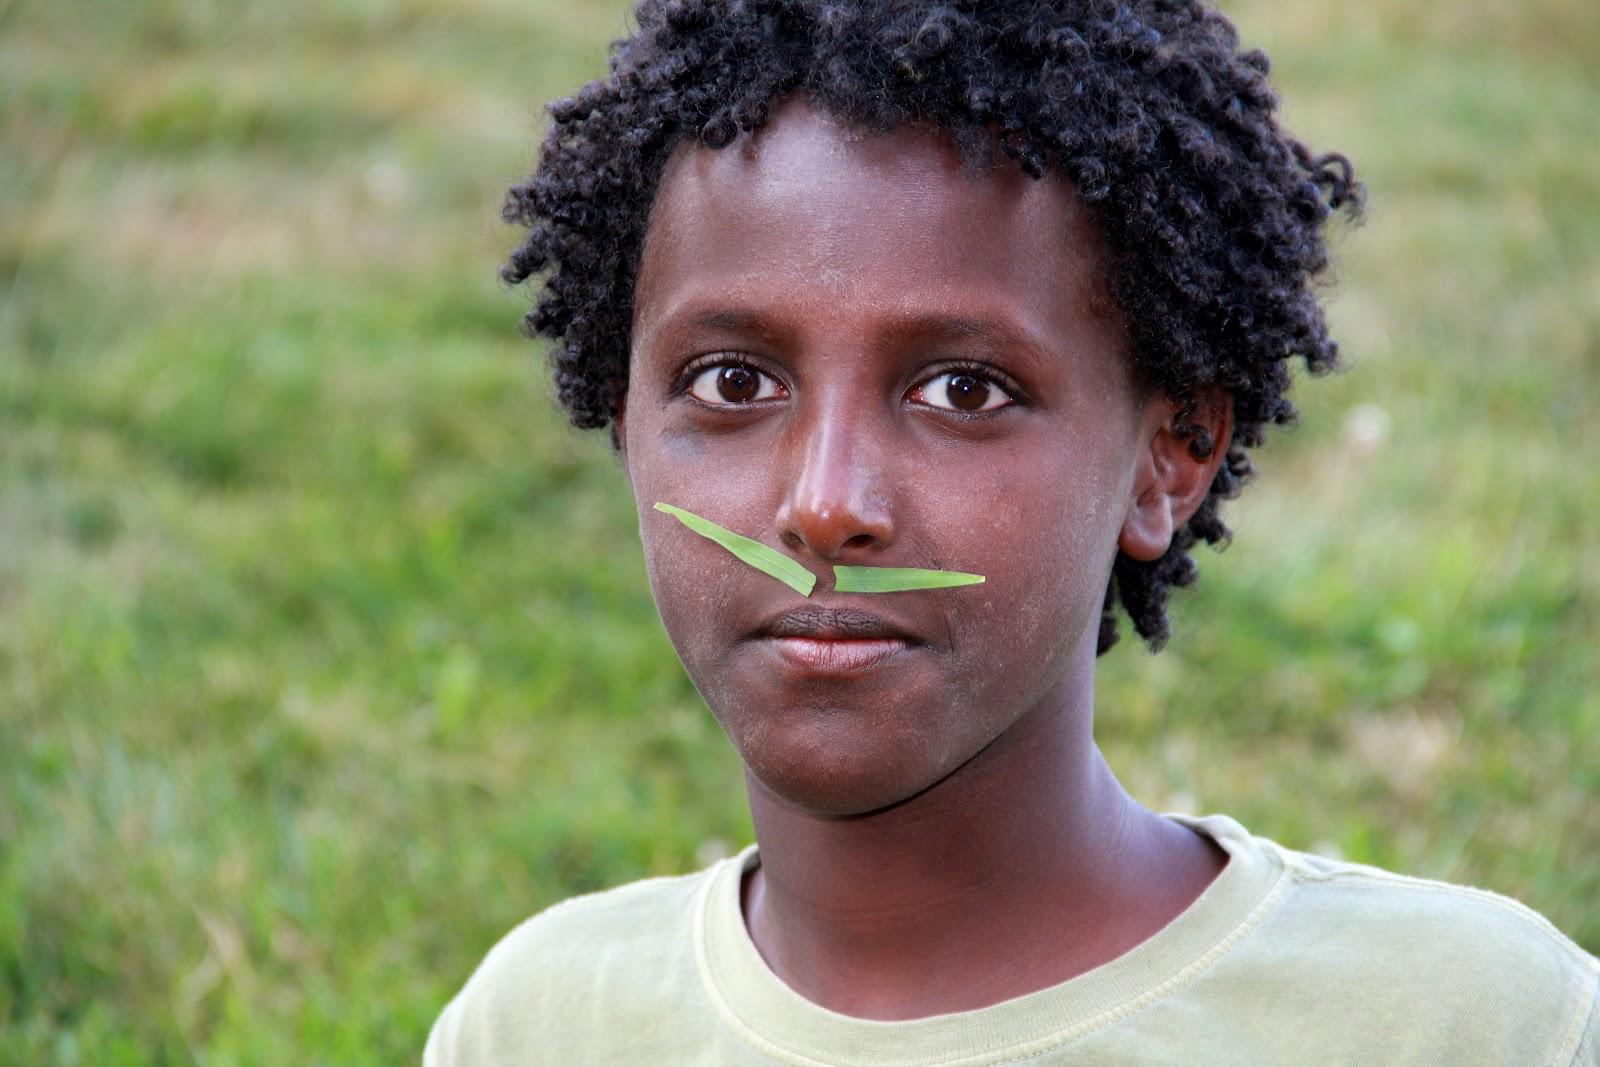 Фото детей негроидной расы